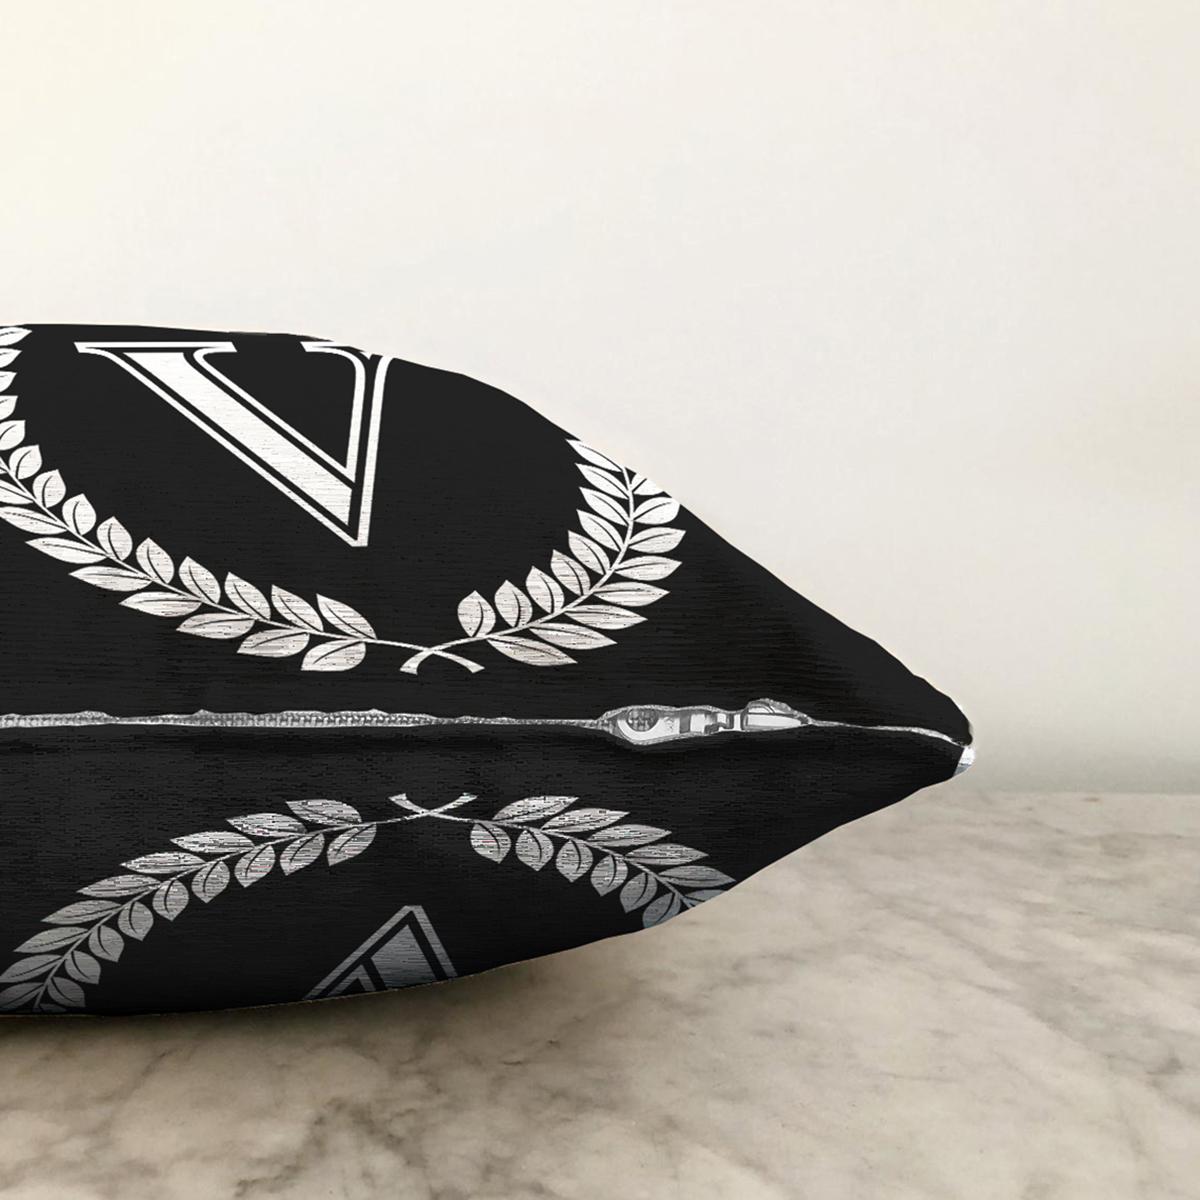 Siyah Beyaz Çelenkli V Harfi Özel Tasarım Dijital Baskılı Şönil Yastık Kırlent Kılıfı Realhomes